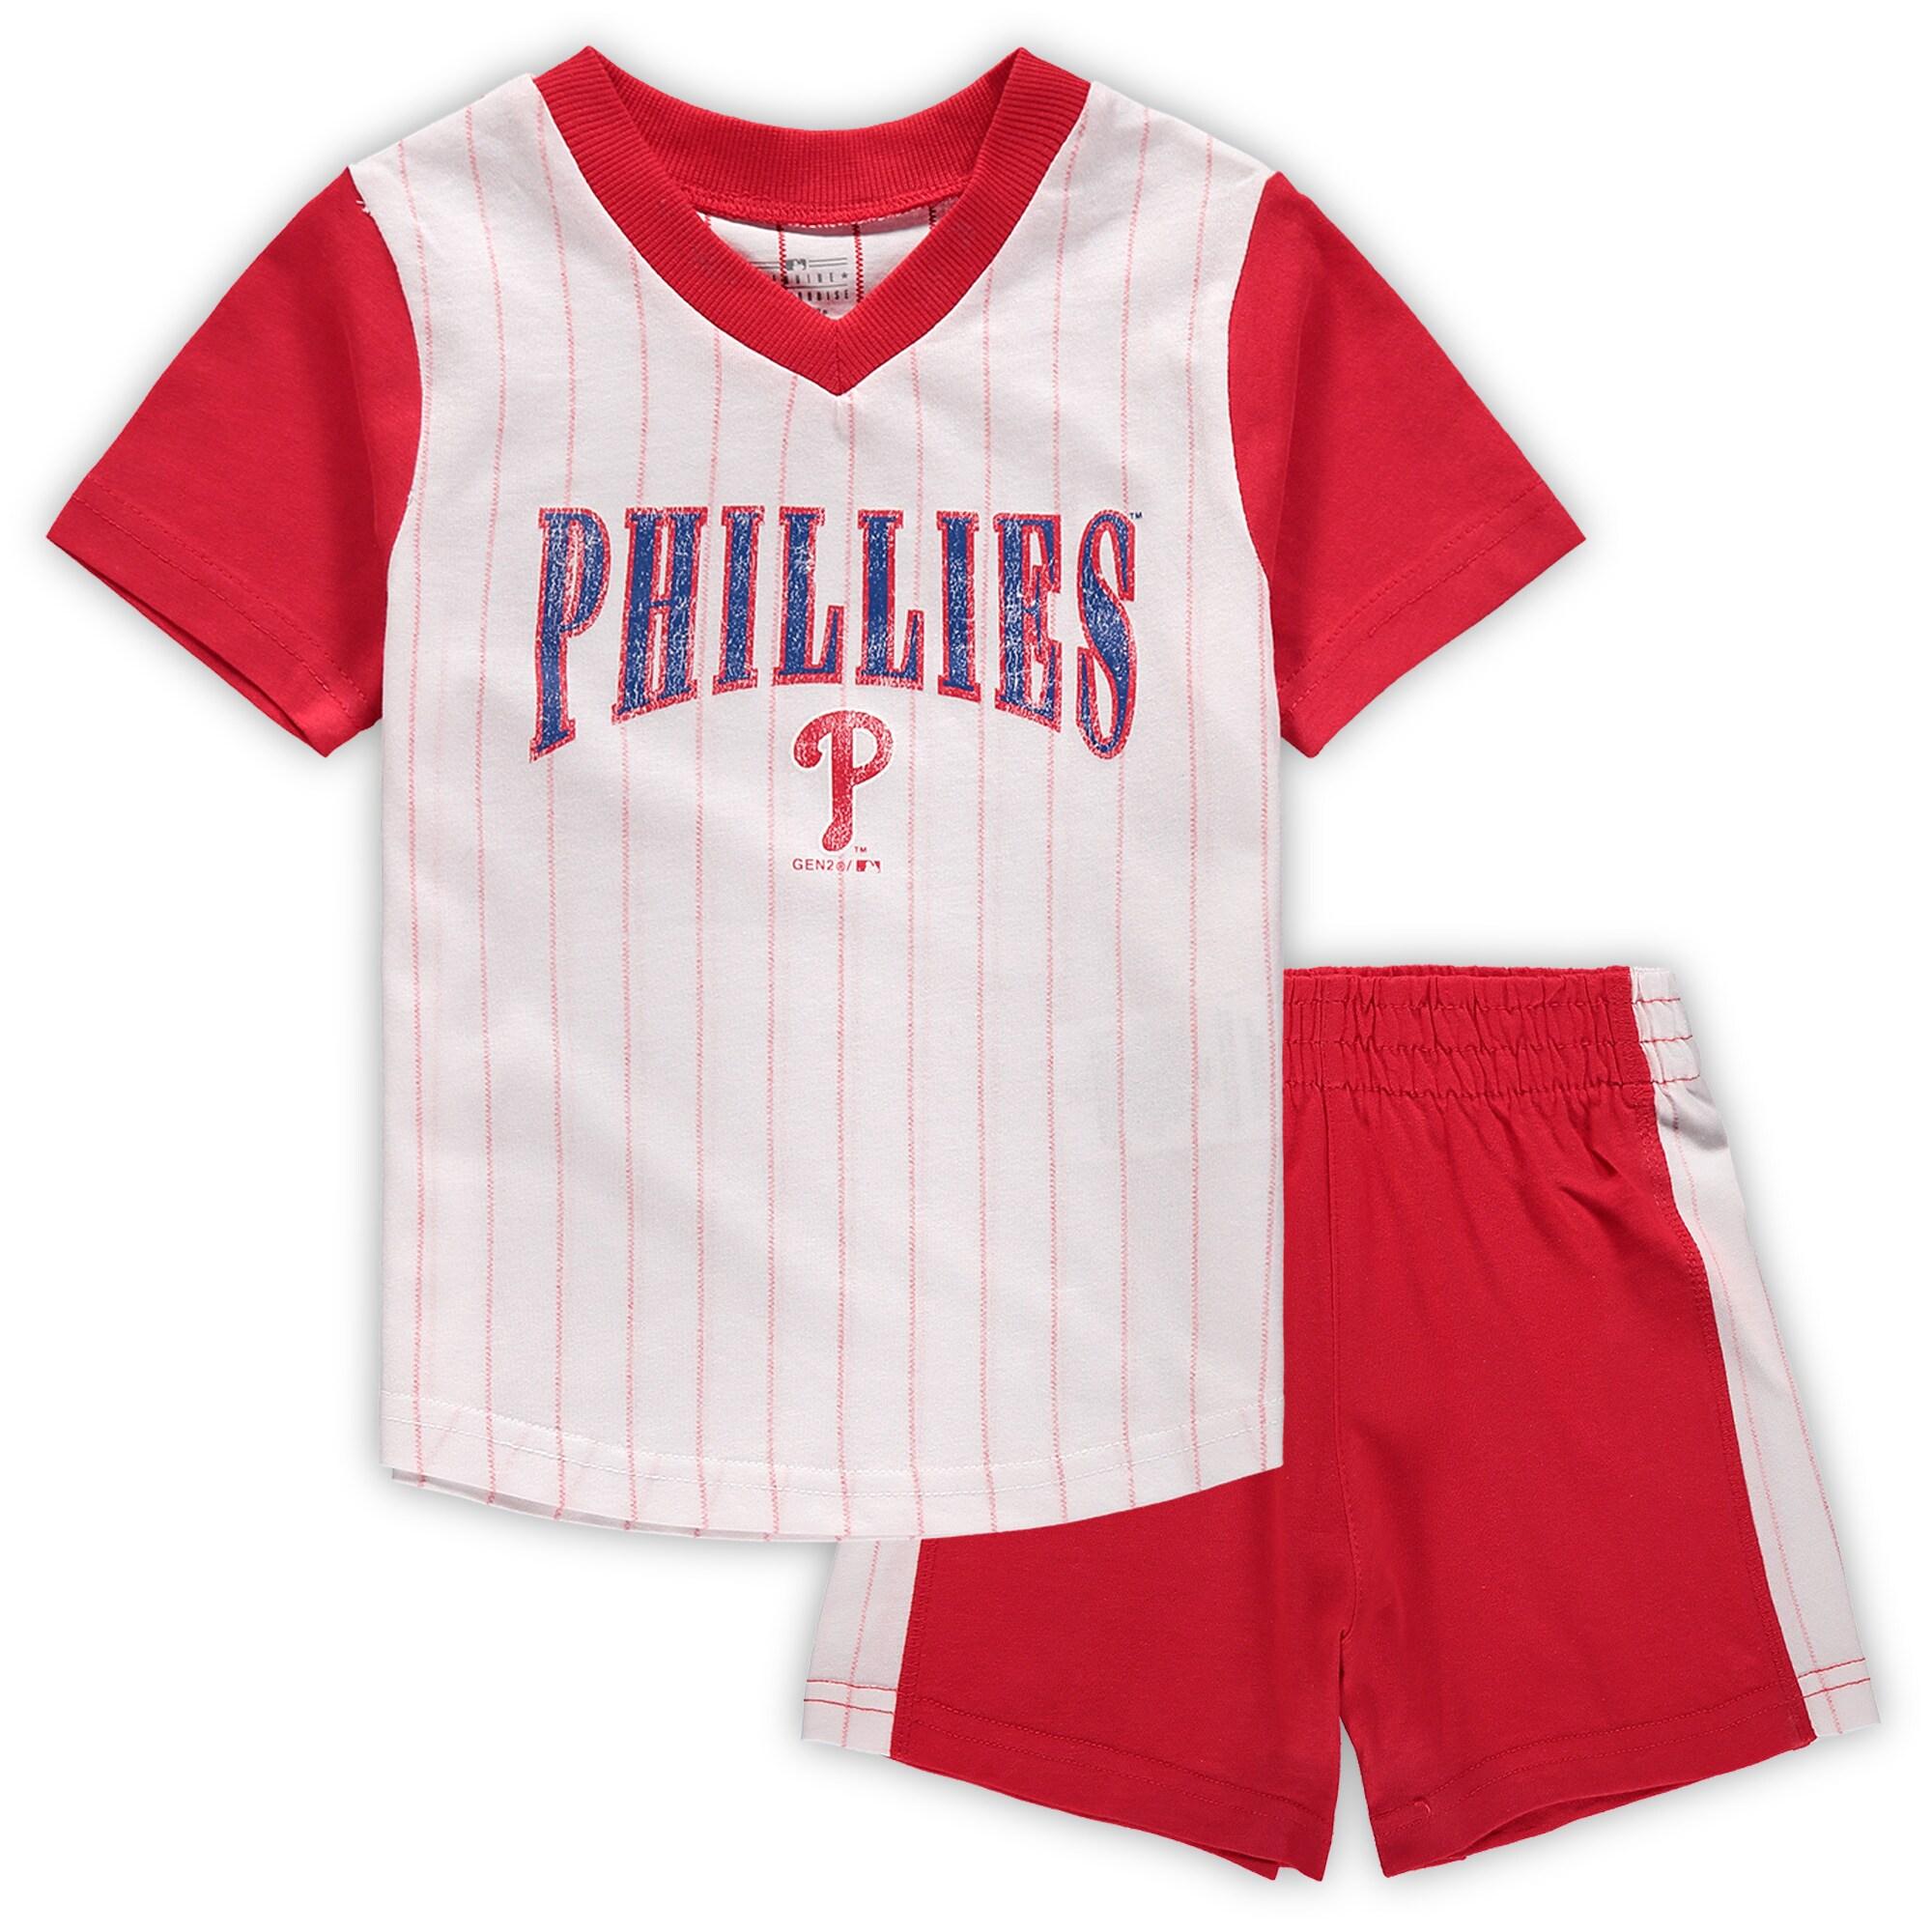 Philadelphia Phillies Toddler Little Hitter V-Neck T-Shirt & Shorts Set - White/Red